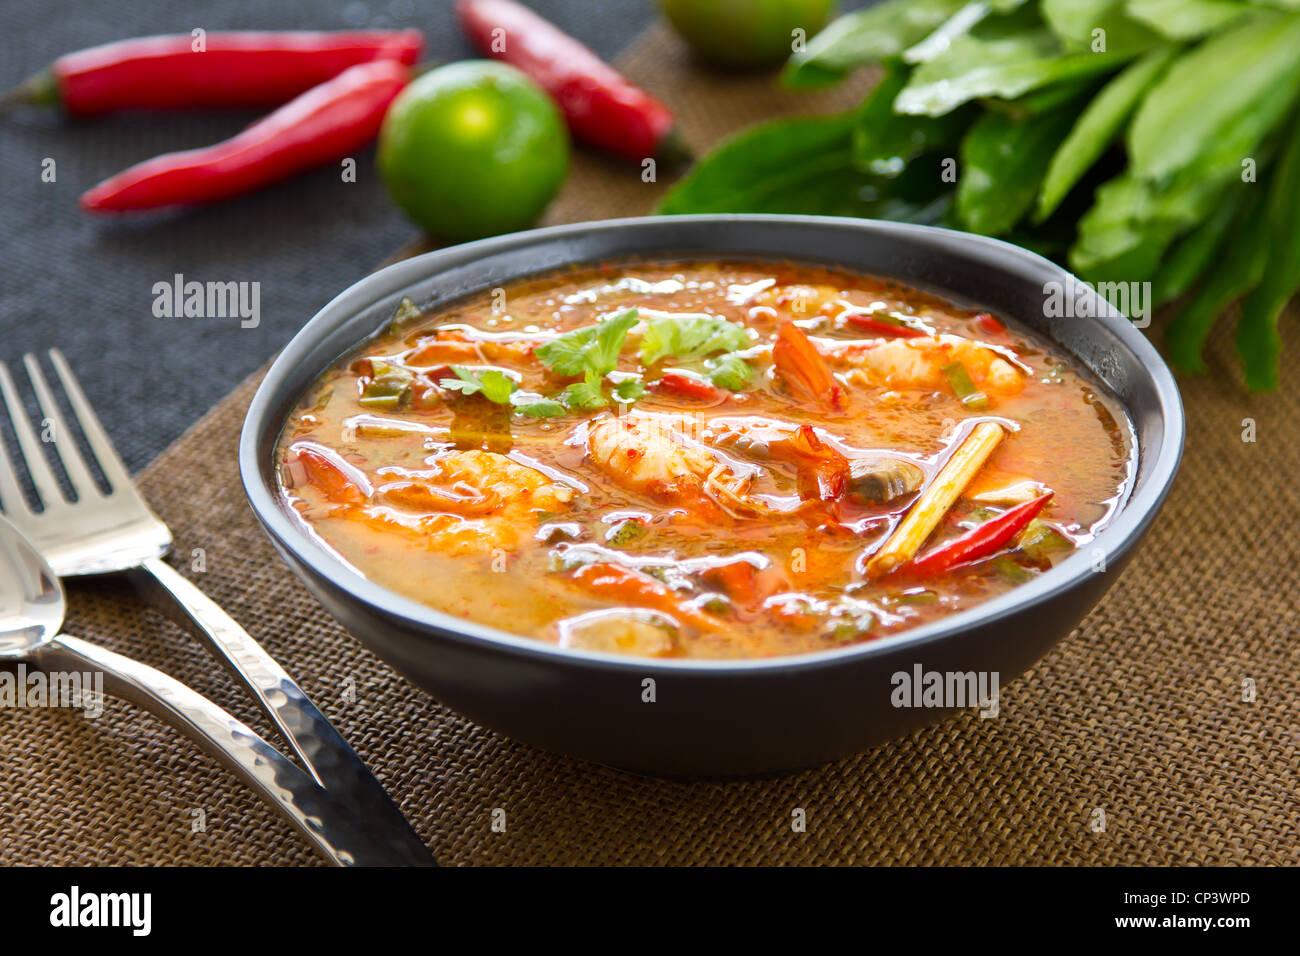 Amaro e piccante zuppa tailandese [s Tomyum kung] Immagini Stock